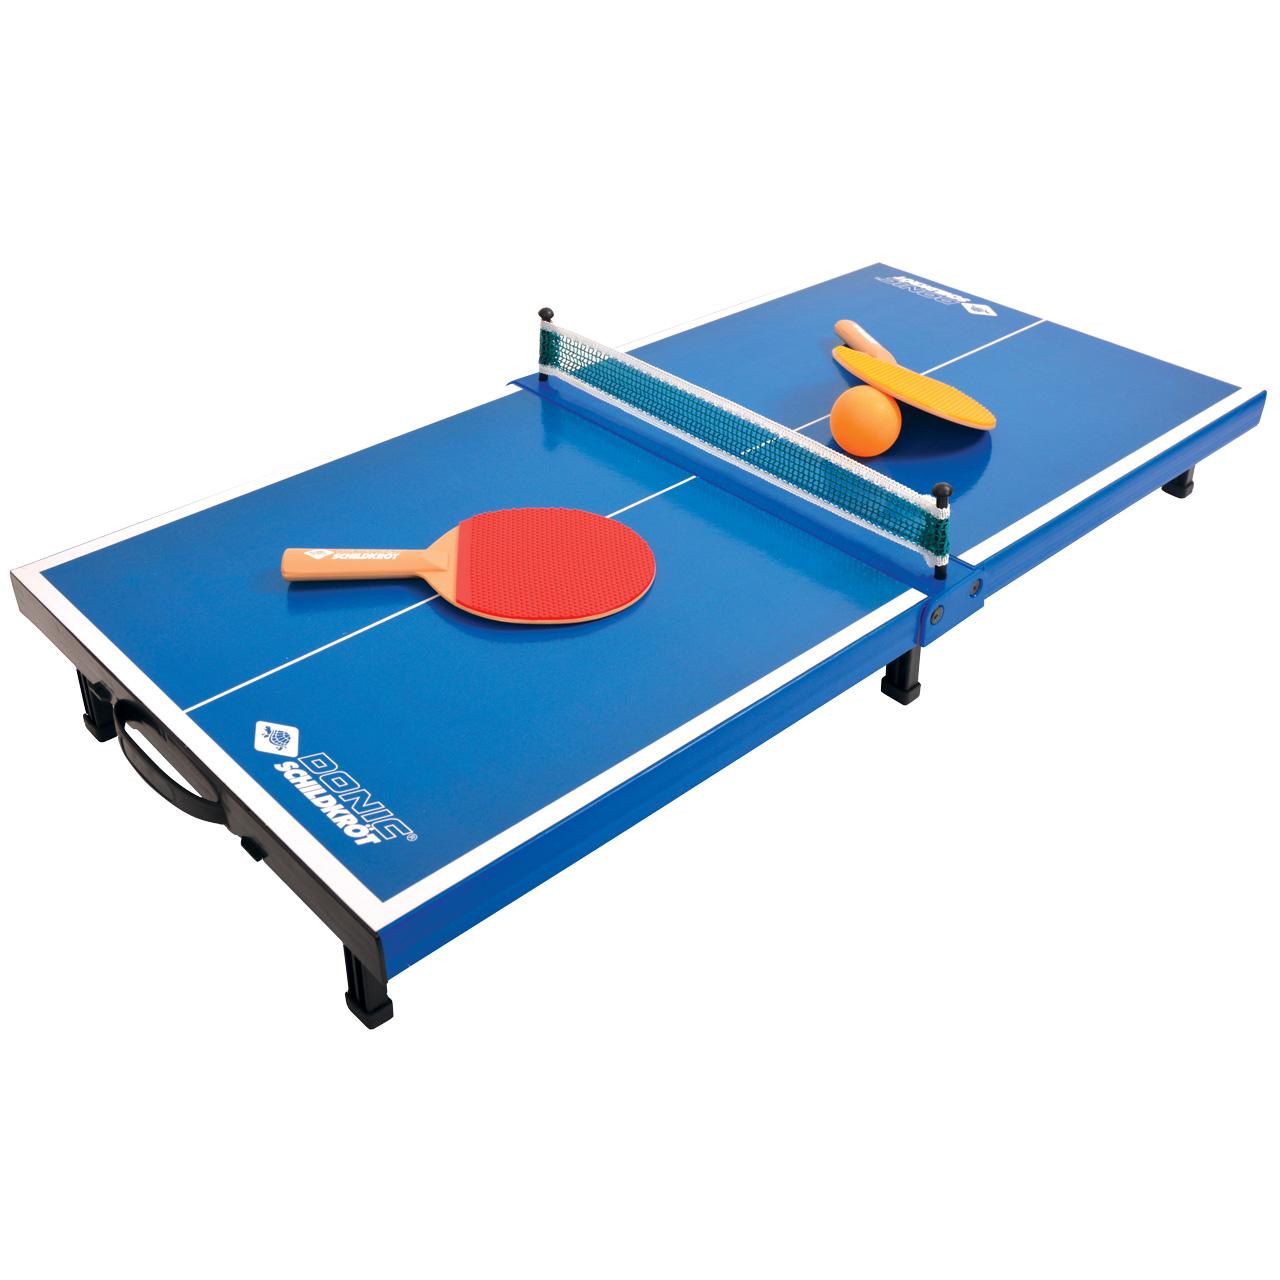 Donic Tischtennis-Set aus Mini-Tischtennistischplatte, 2 Schlägern und 1 Ball 710295